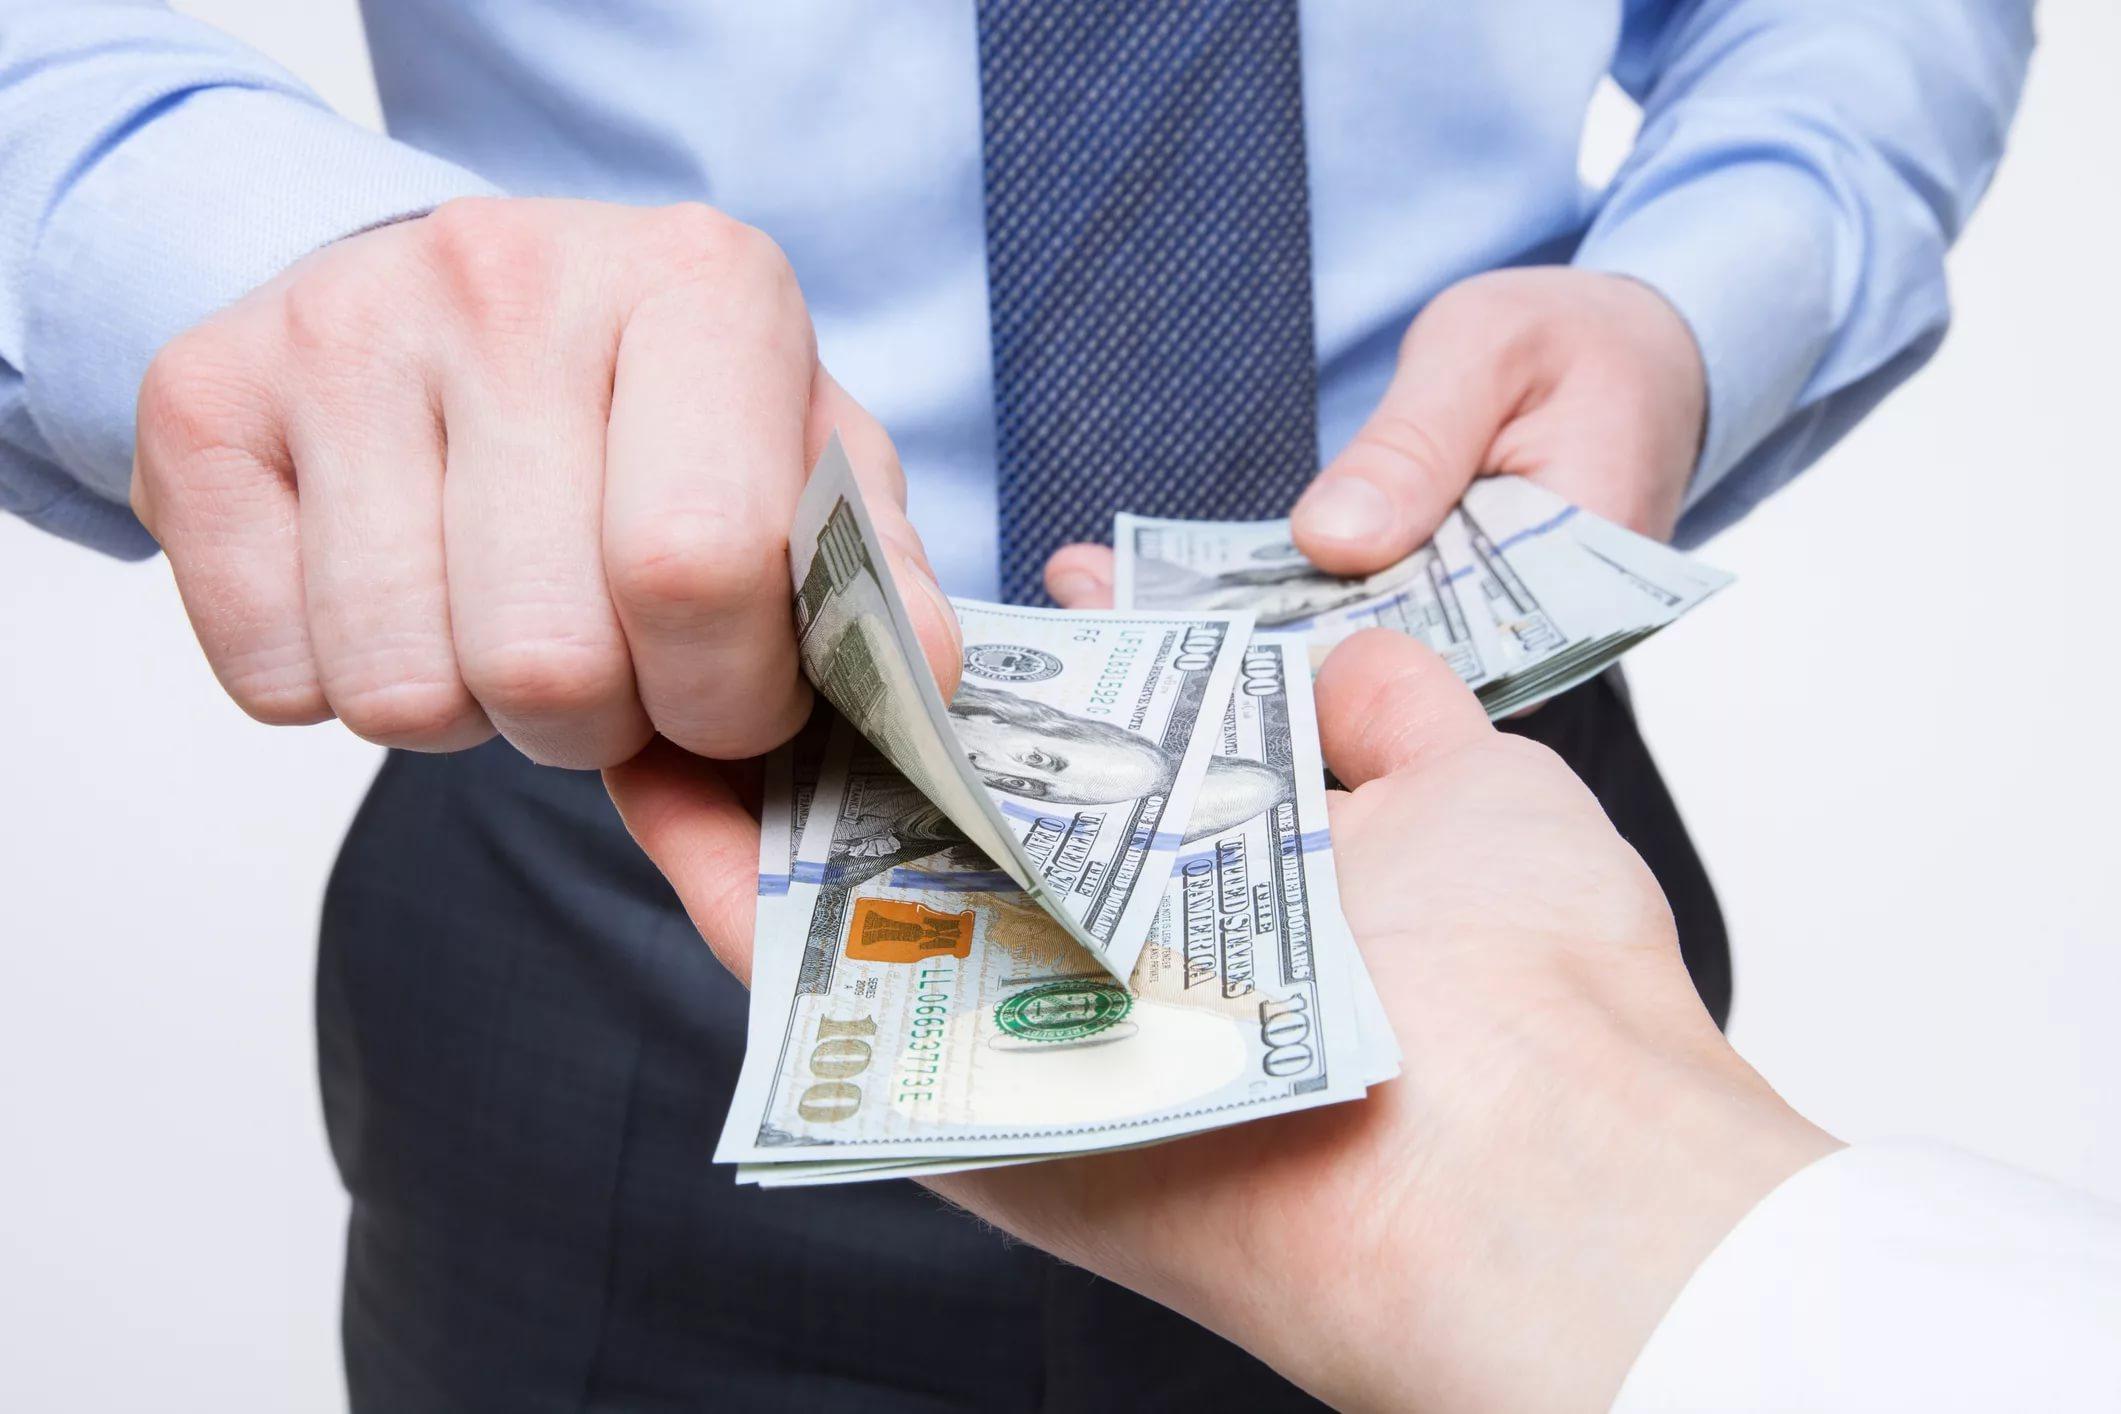 Деньги до 4 ООО ООО р. от частного лица под расписку.